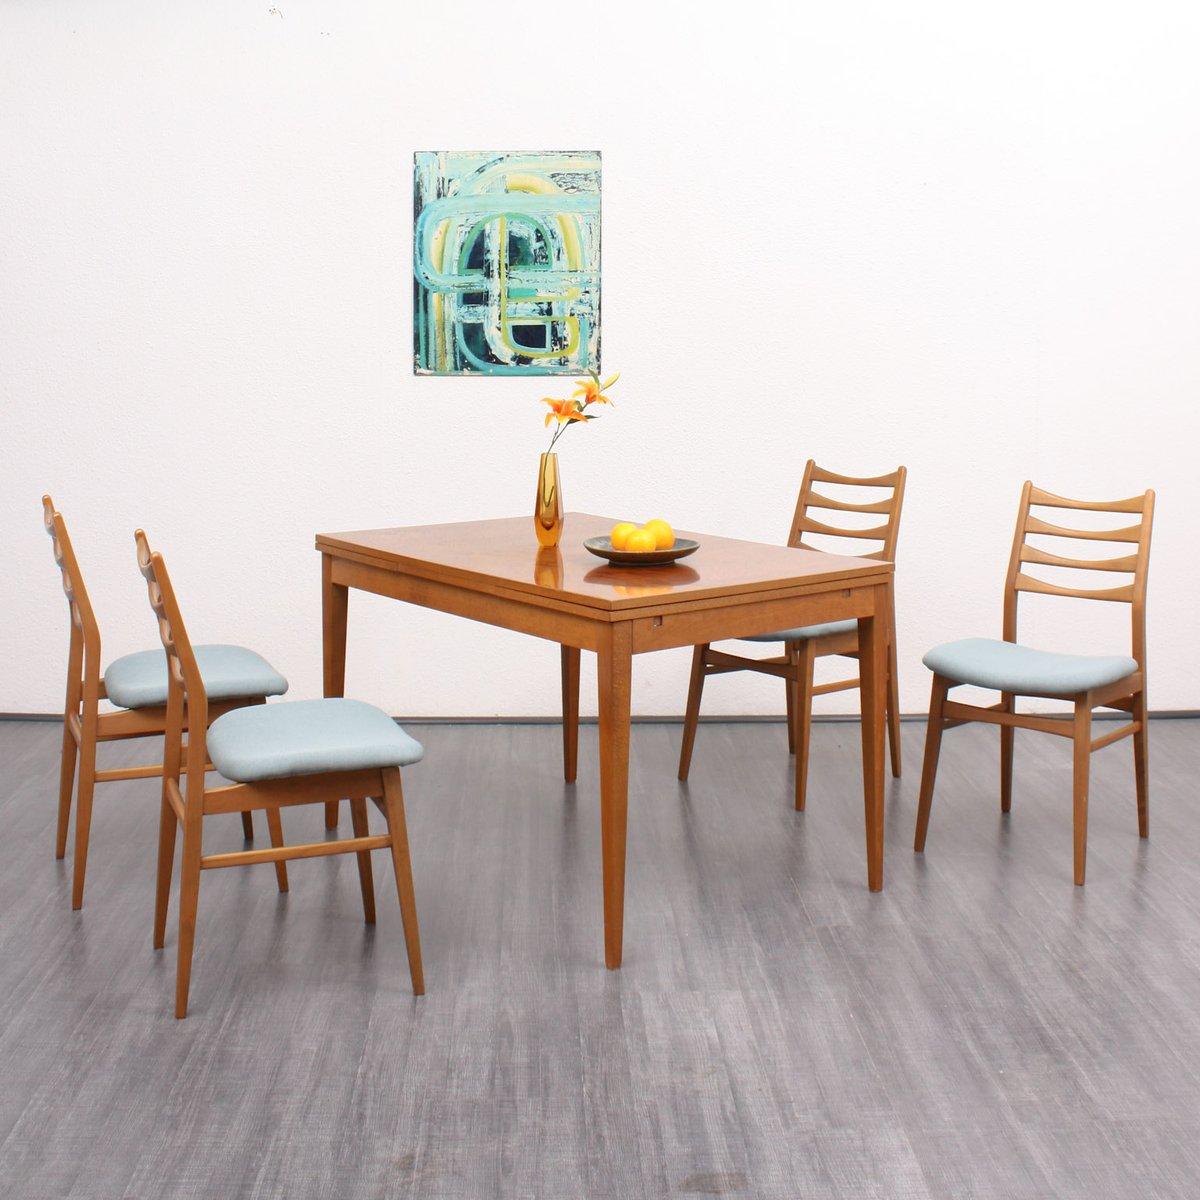 esszimmerst hle mit blauen bez gen 1960er 4er set bei pamono kaufen. Black Bedroom Furniture Sets. Home Design Ideas